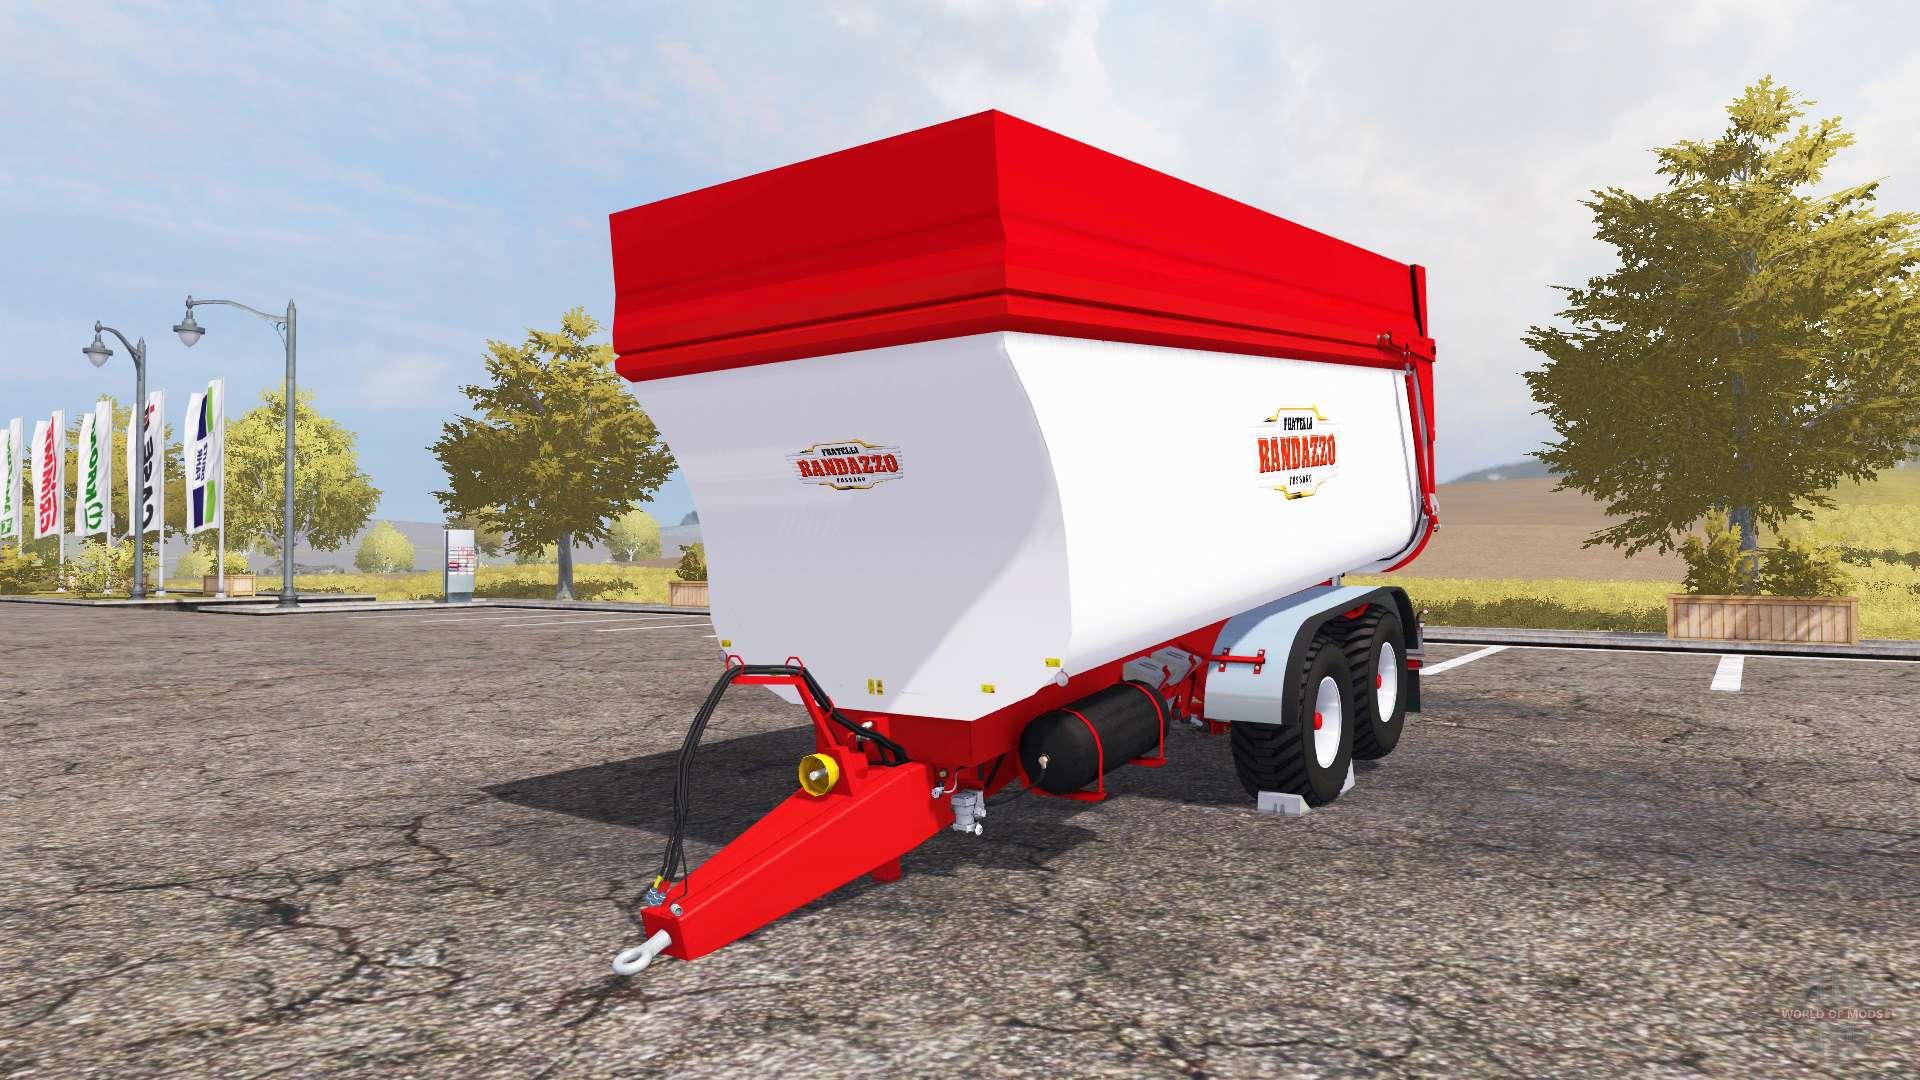 Rimorchi randazzo t60 for farming simulator 2013 for Rimorchi randazzo